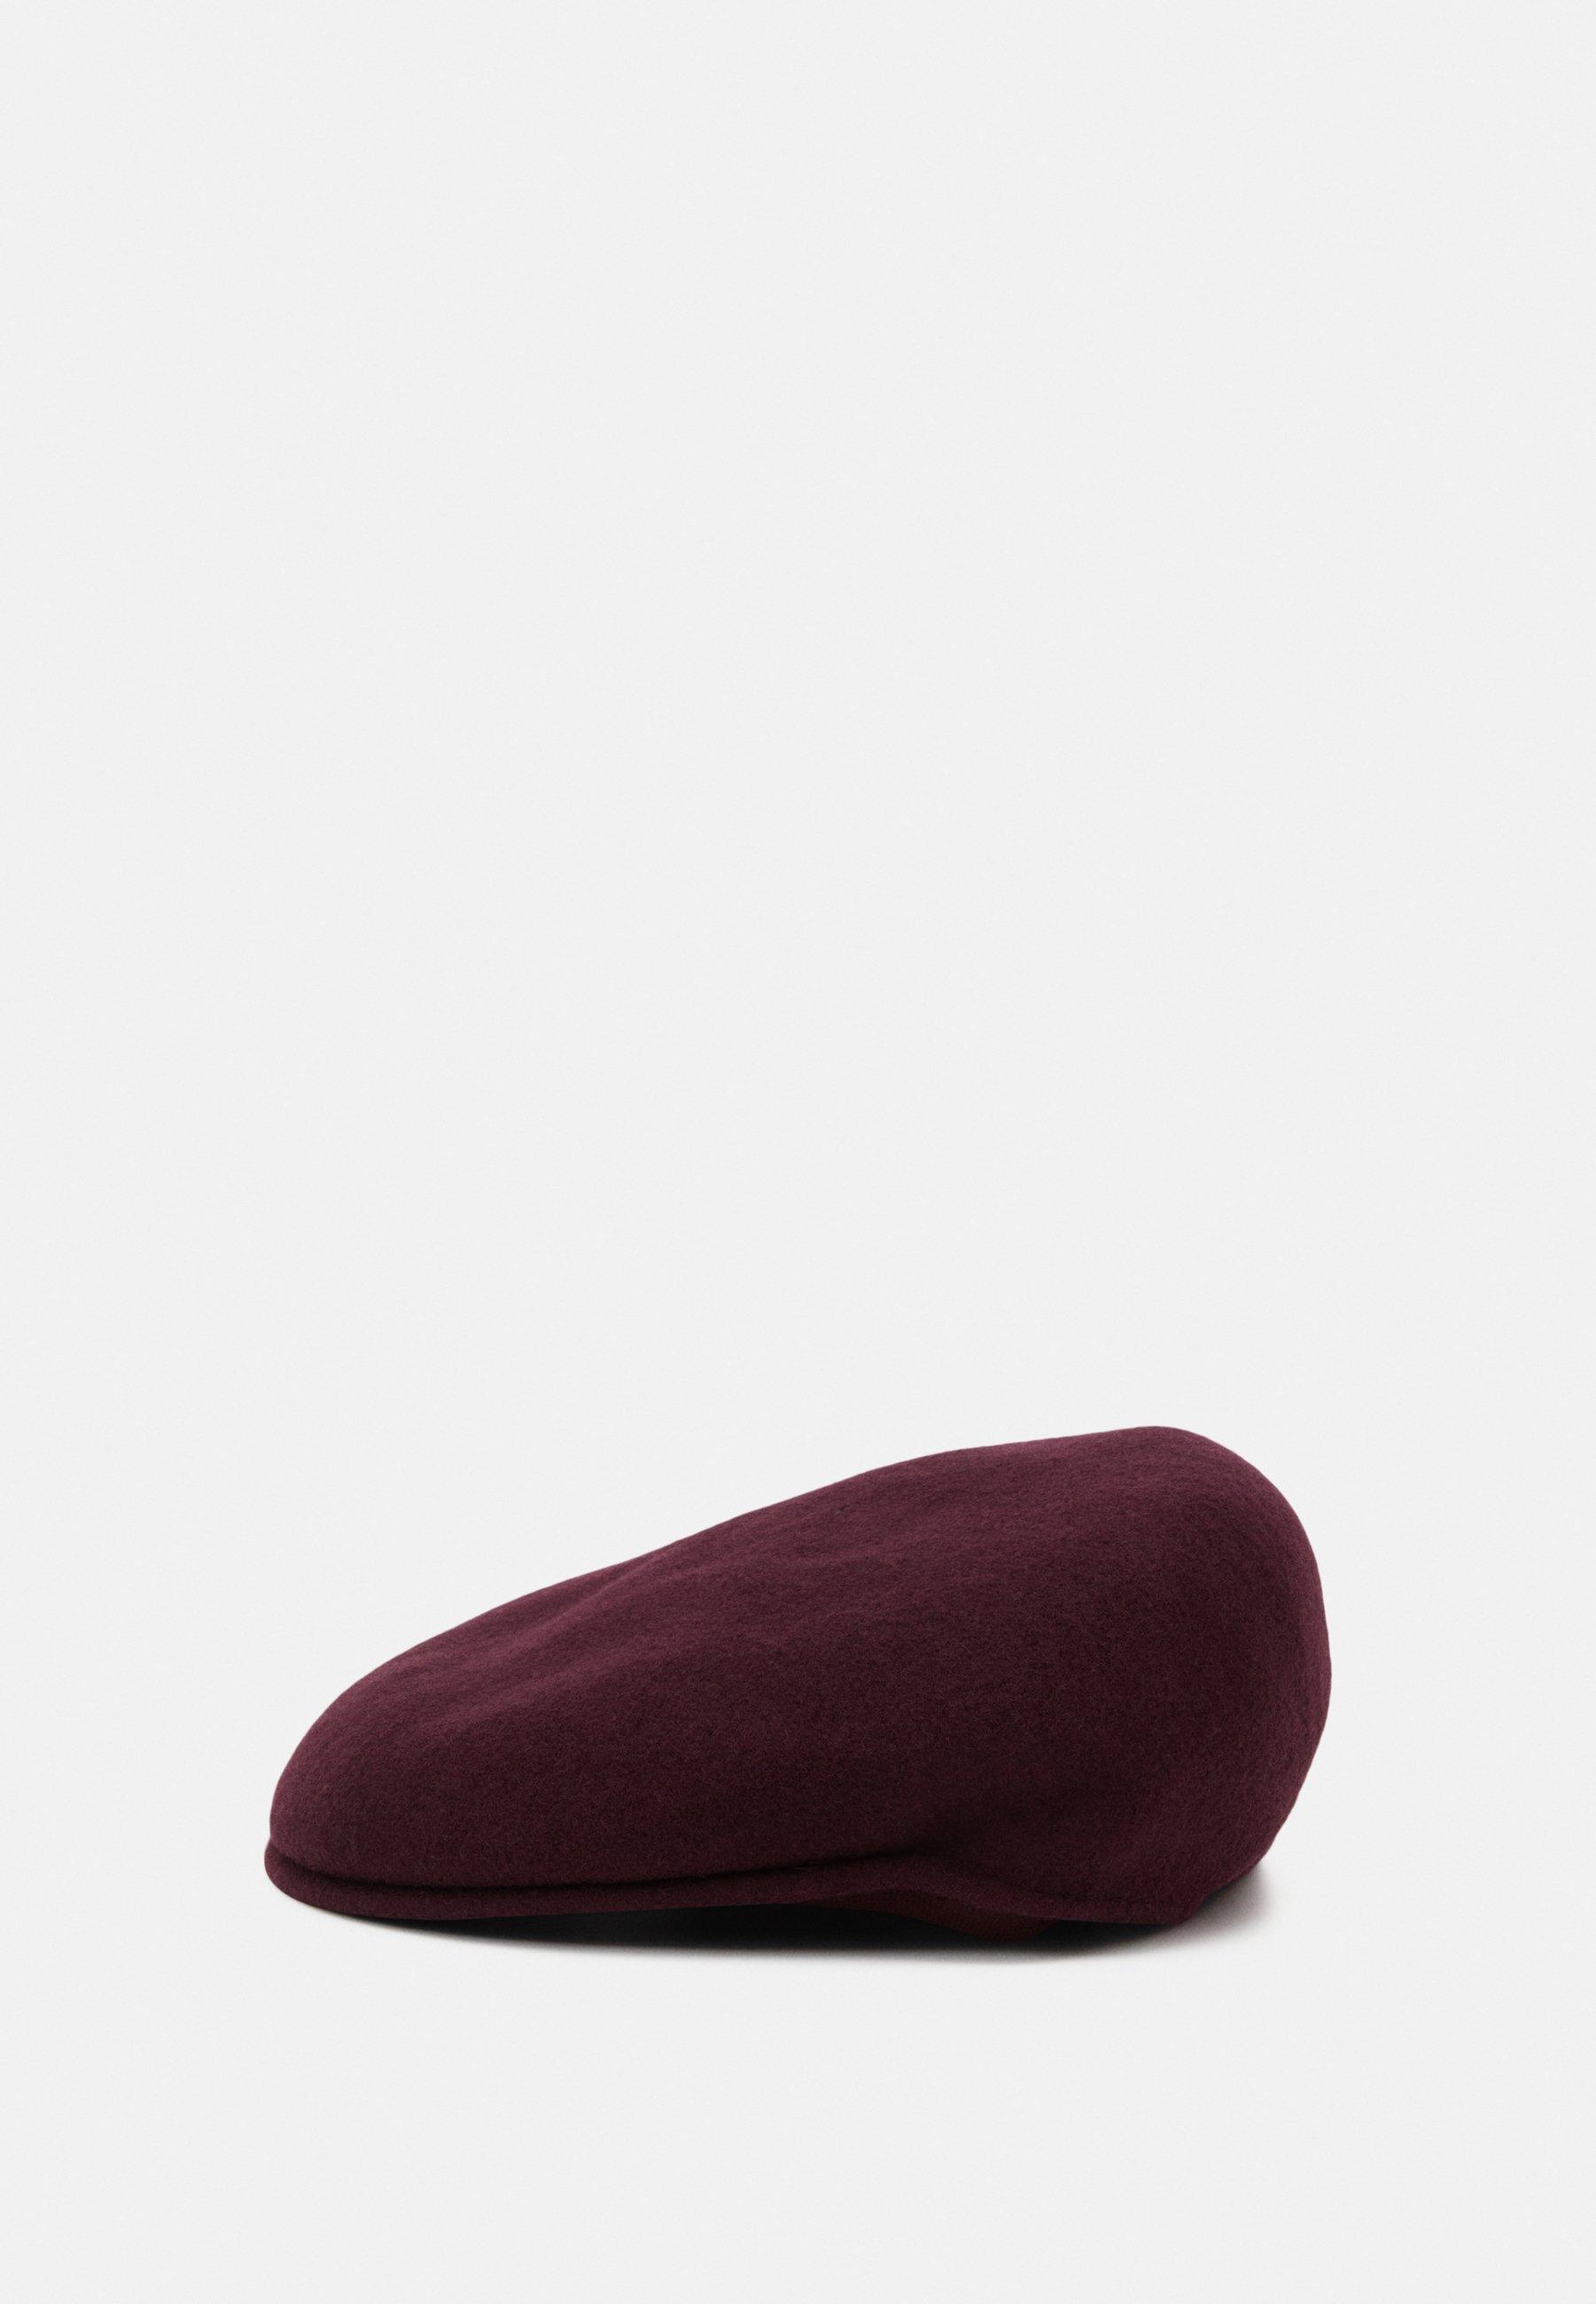 Kangol Mütze - Vino/bordeaux